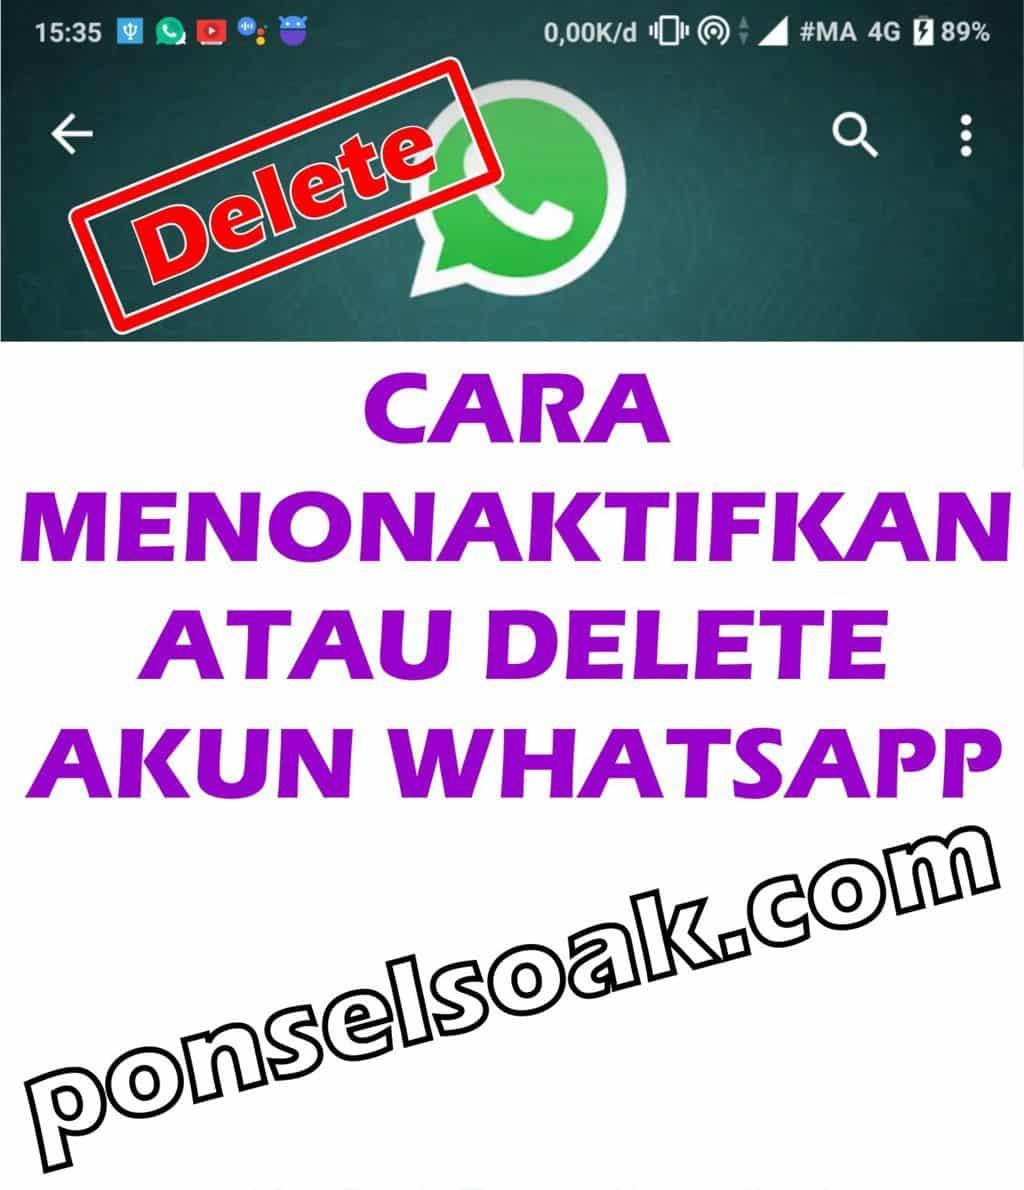 Cara Menonaktifkan Atau Hapus Akun WhatsApp Secara Permanen